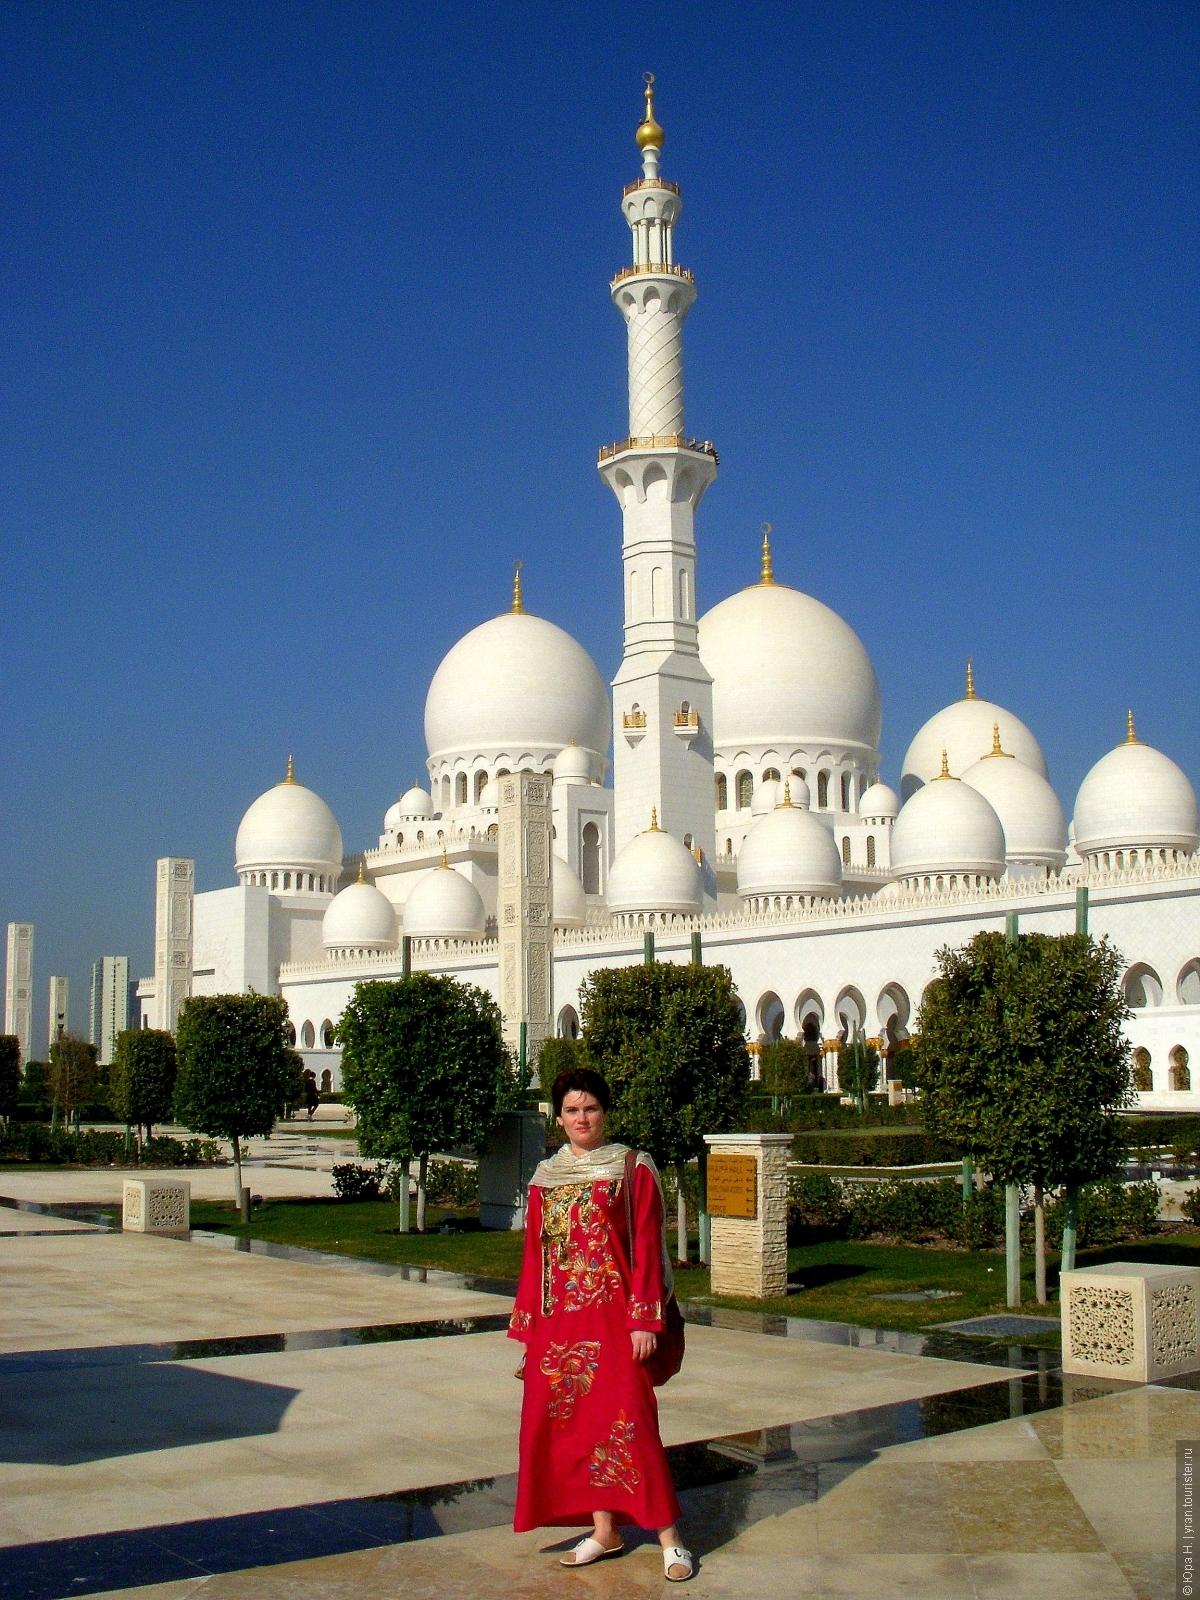 для высших экскурсия в абу даби фото туристов мечети продаже домов коттеджей